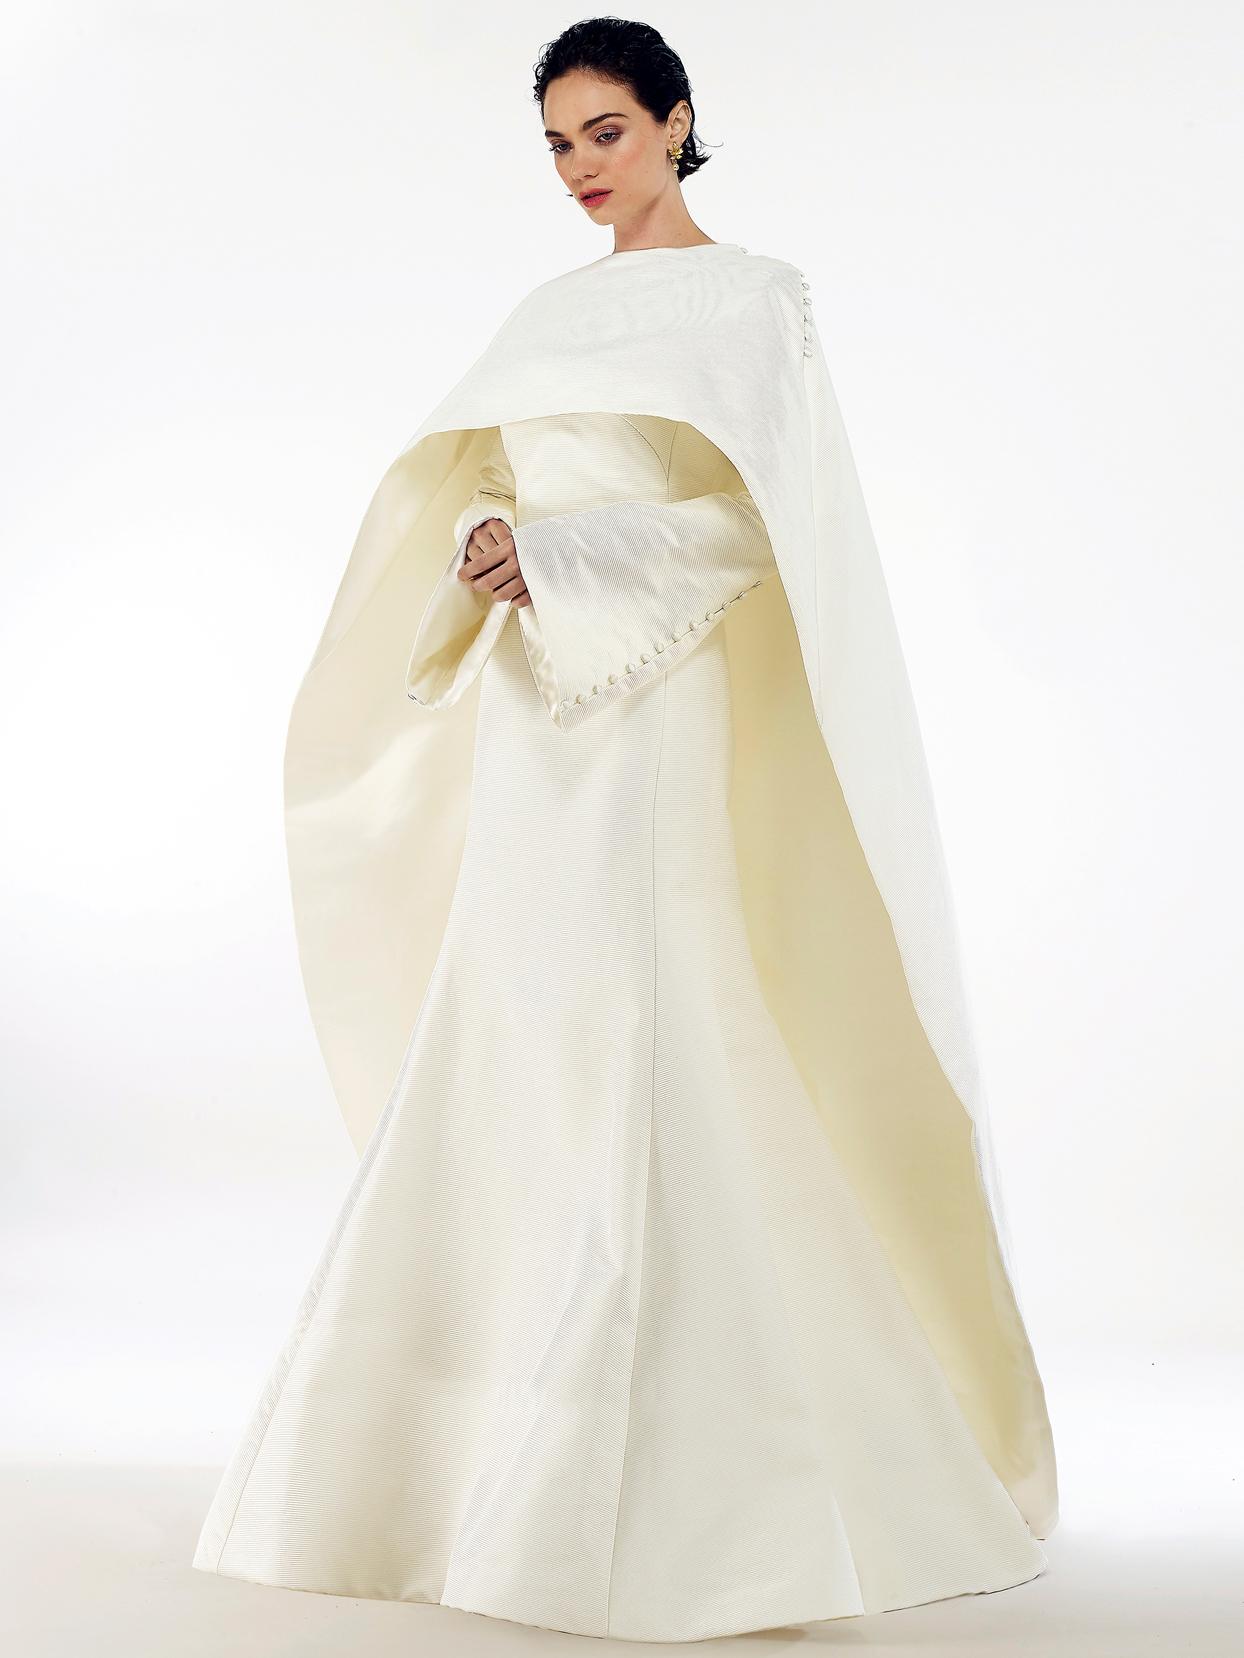 Steven Birnbaum high neck cape long sleeve mermaid wedding dress fall 2020